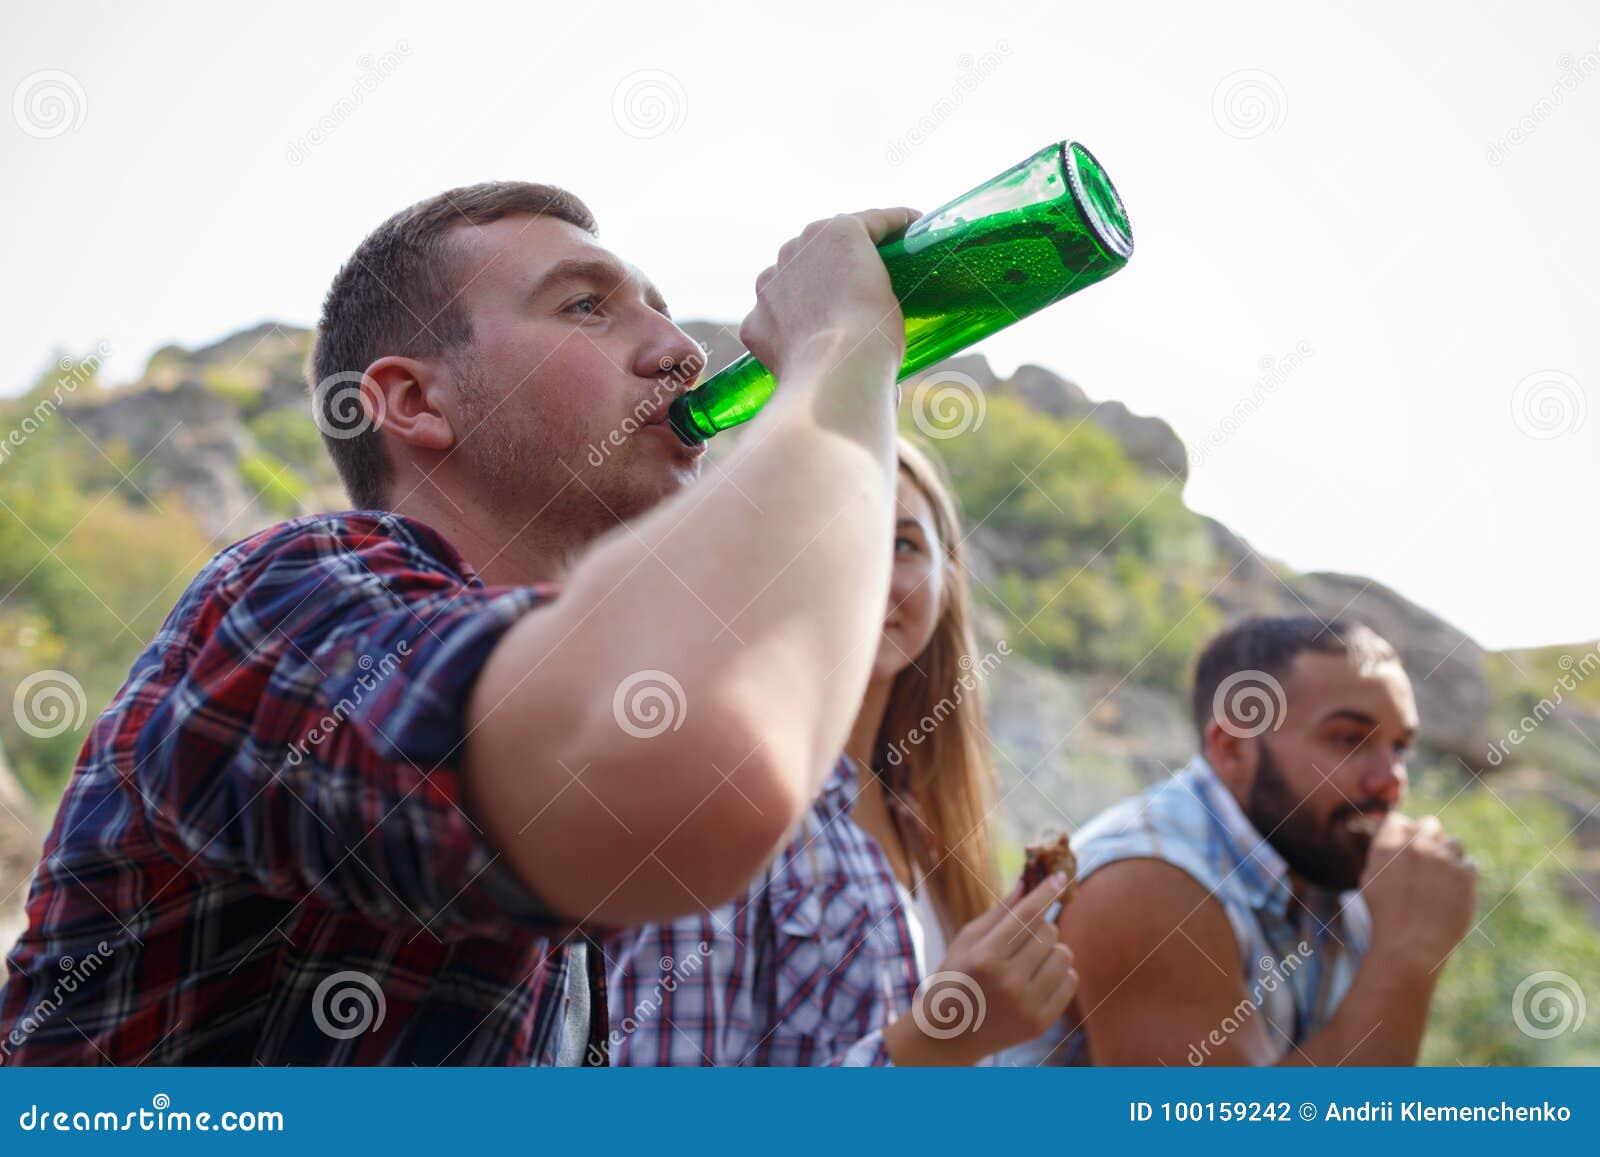 раз я выпил с друзьями по привычке слушать - 6